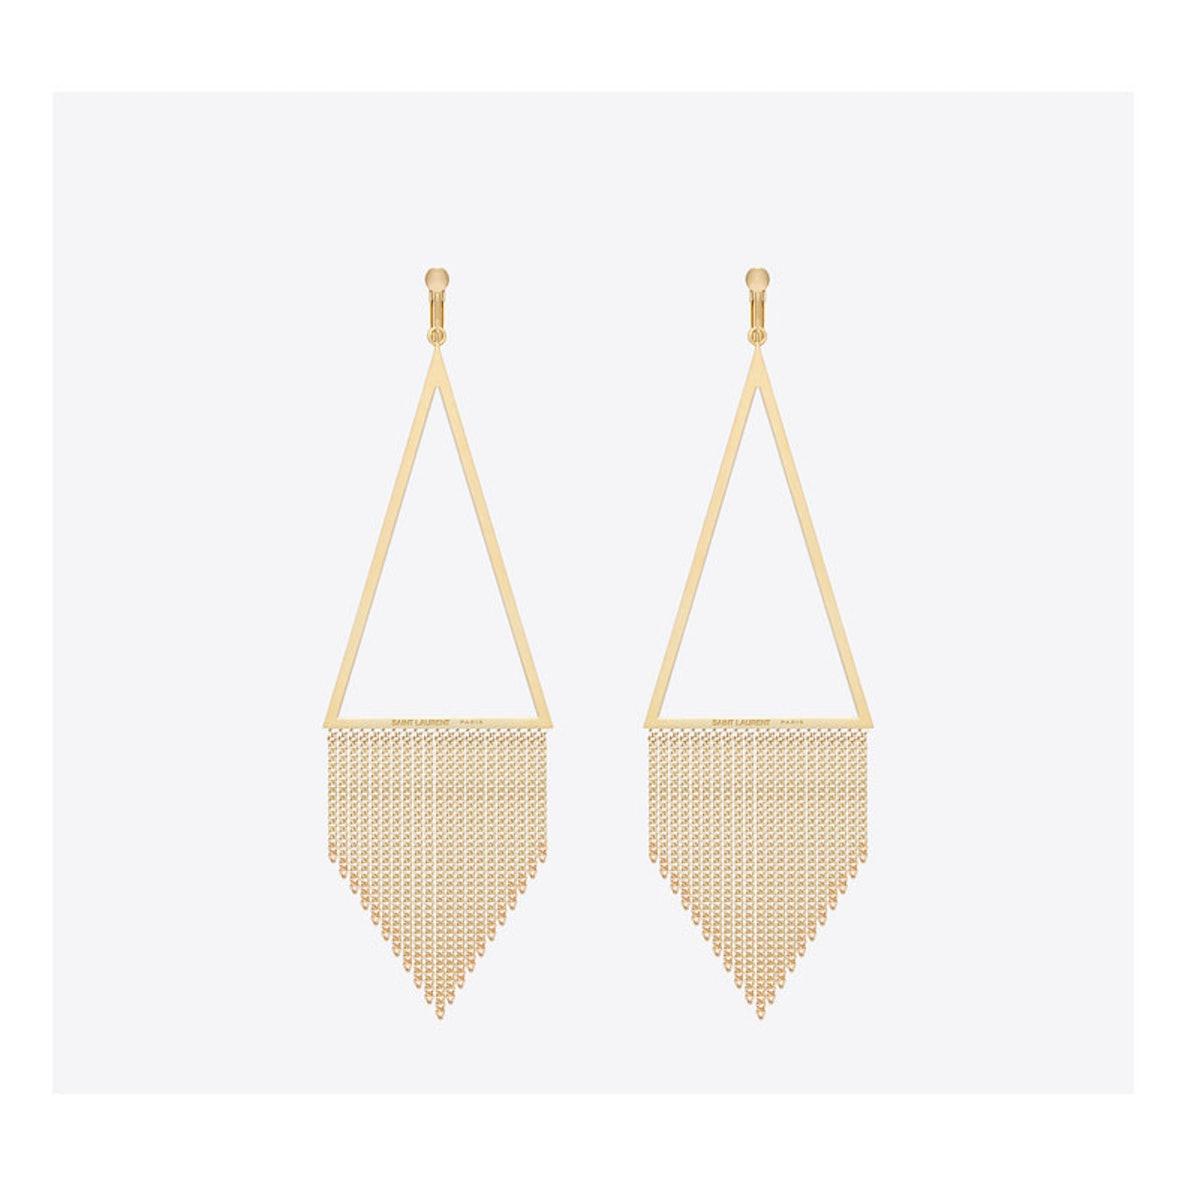 Saint Laurent by Hedi Slimane earrings